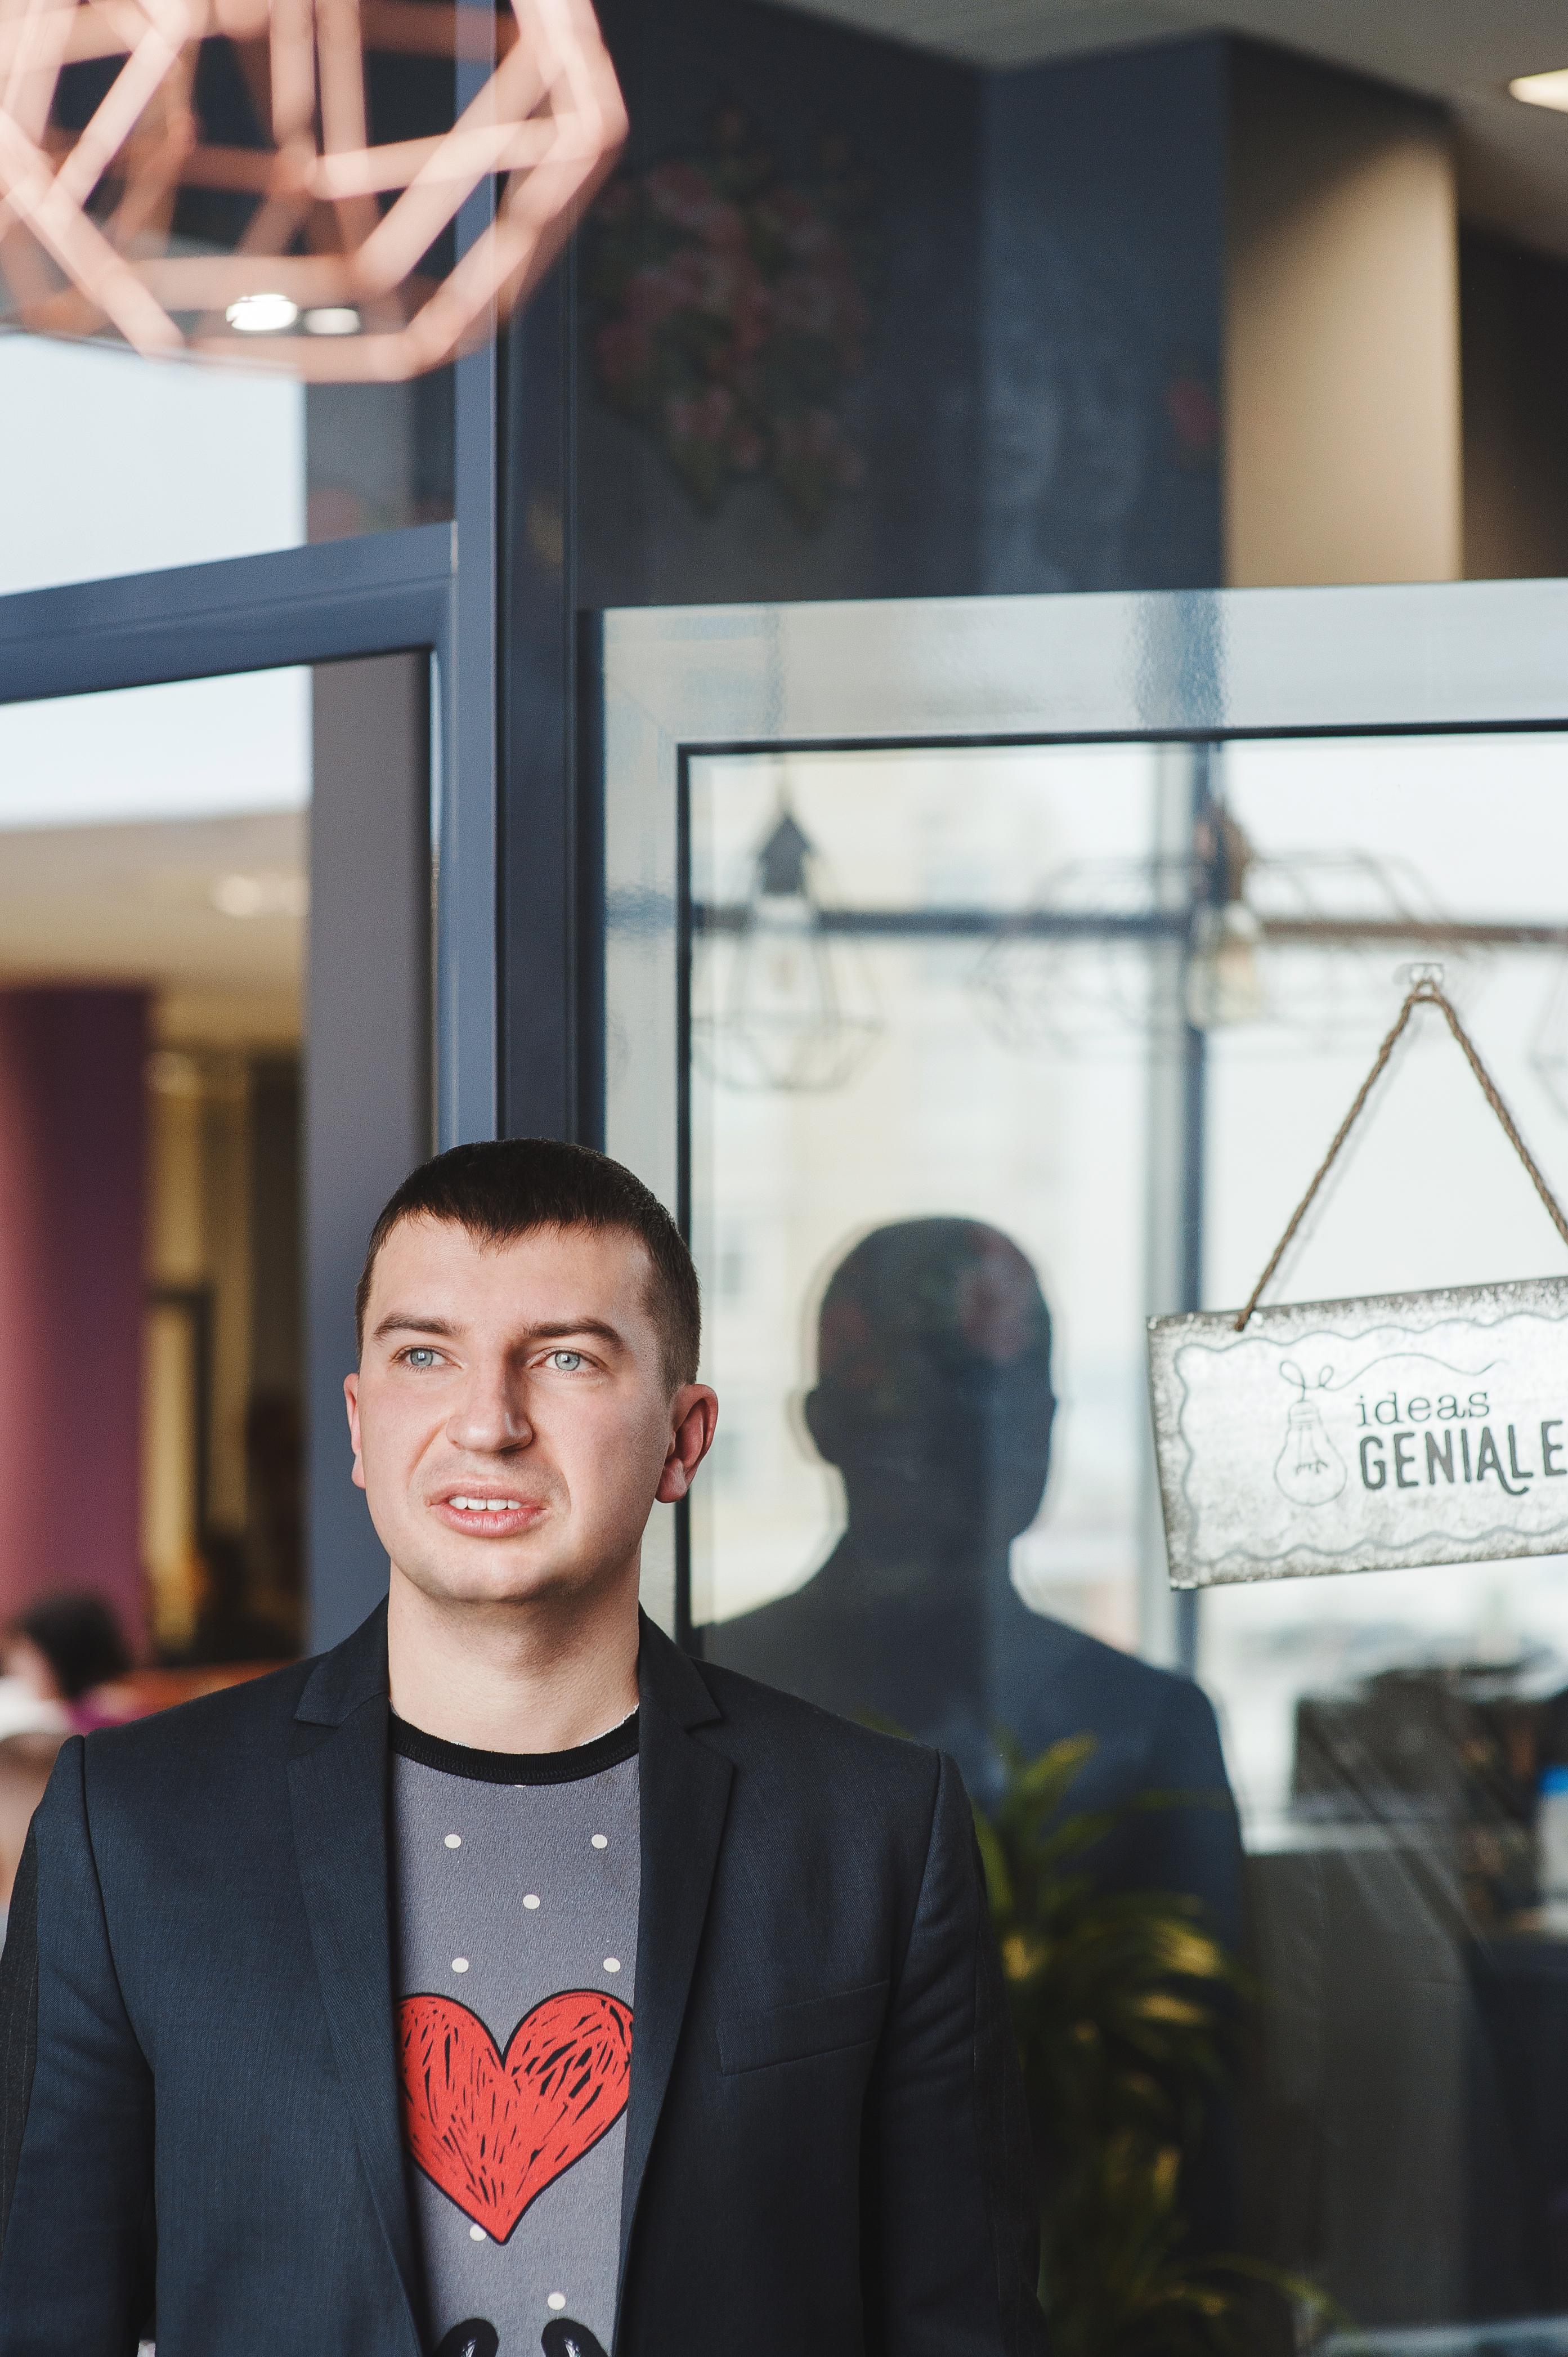 совладелец и управляющий интернет-магазином 21vek.by Сергей Вайнилович